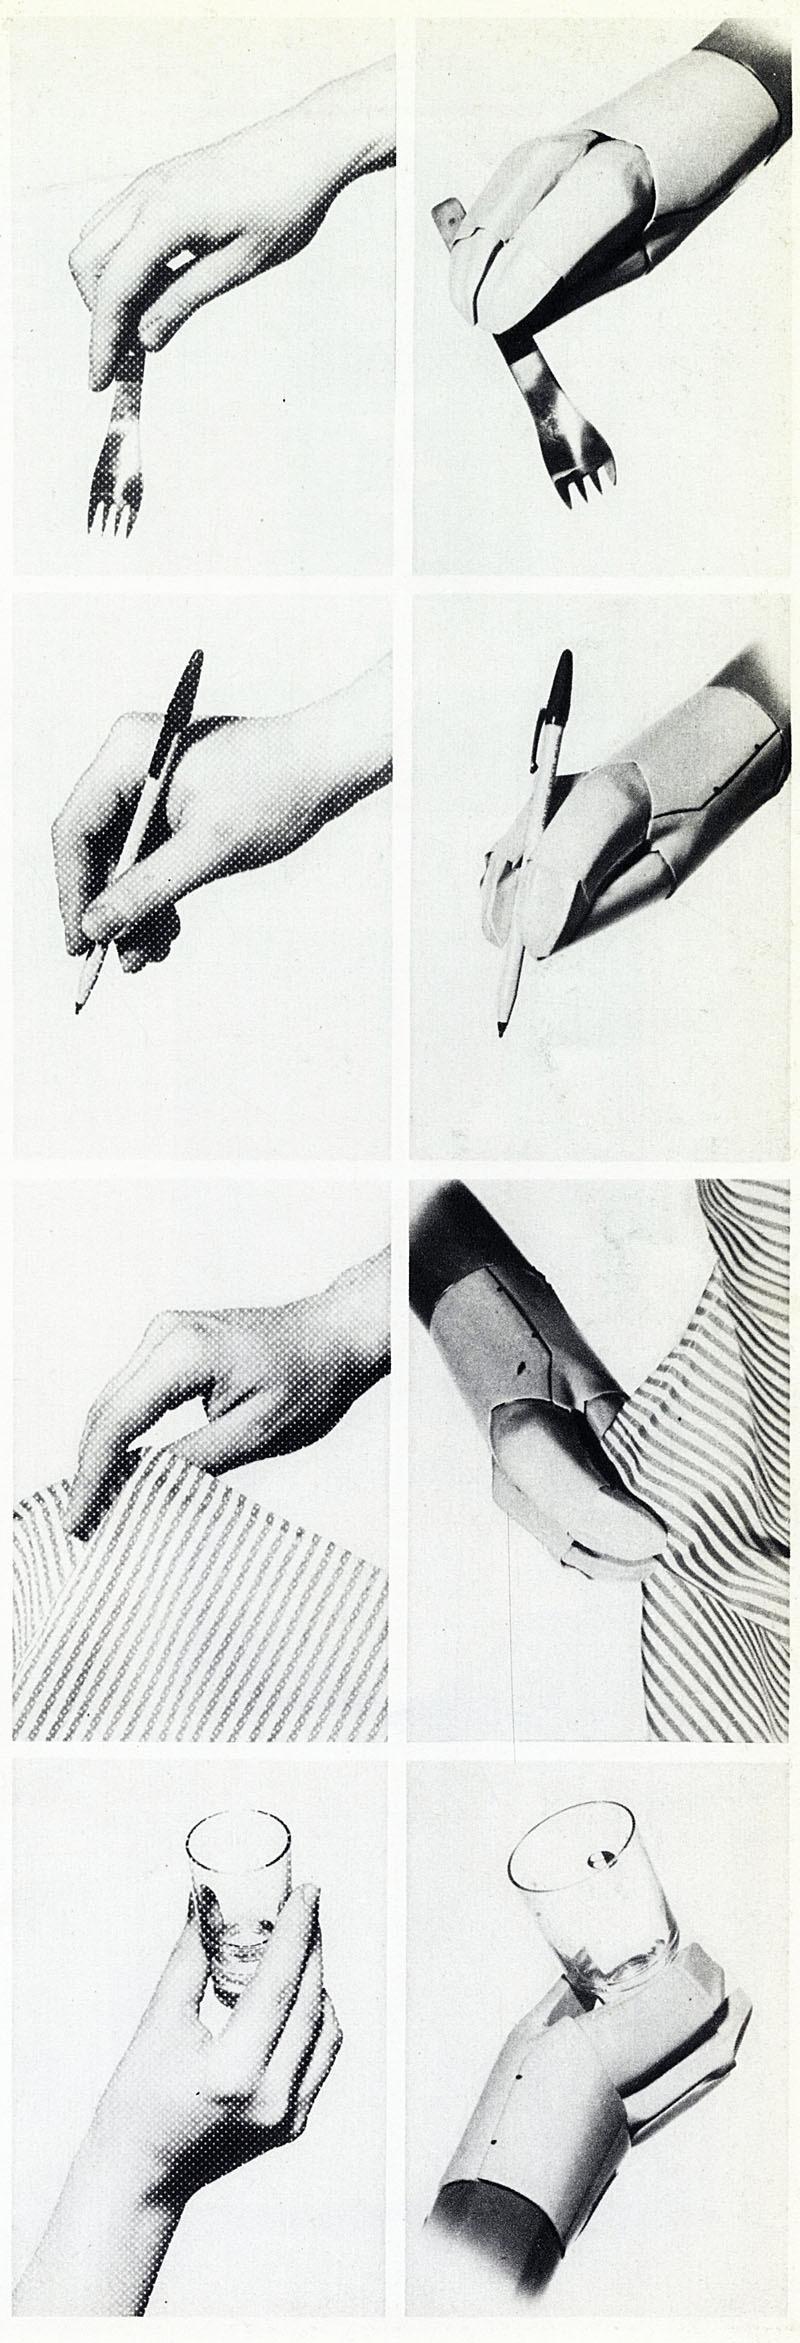 Helmut Scholz. Domus 453 August 1967, 21